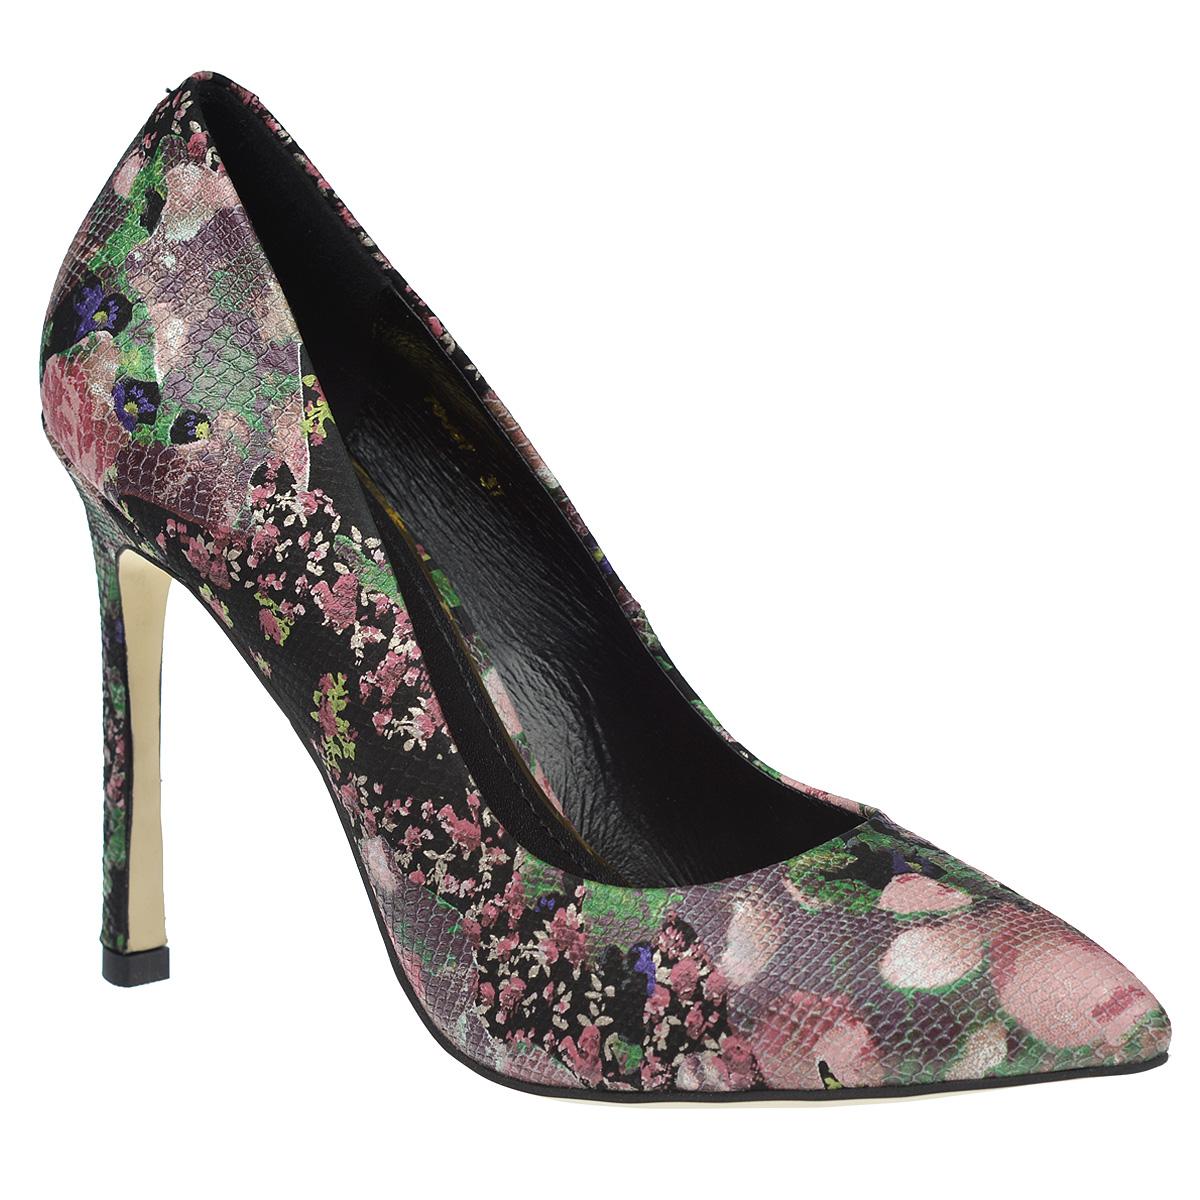 Туфли женские. 7009770097Эффектные женские туфли Vitacci не оставят вас незамеченной. Модель изготовлена из высококачественной натуральной кожи и декорирована оригинальным цветочным узором. Поверхность туфель стилизована под чешую рептилии. Зауженный носок добавит женственности в ваш образ. Стелька из натуральной кожи позволит ногам дышать. Стильные туфли подчеркнут вашу яркую индивидуальность, позволят выделиться среди окружающих.